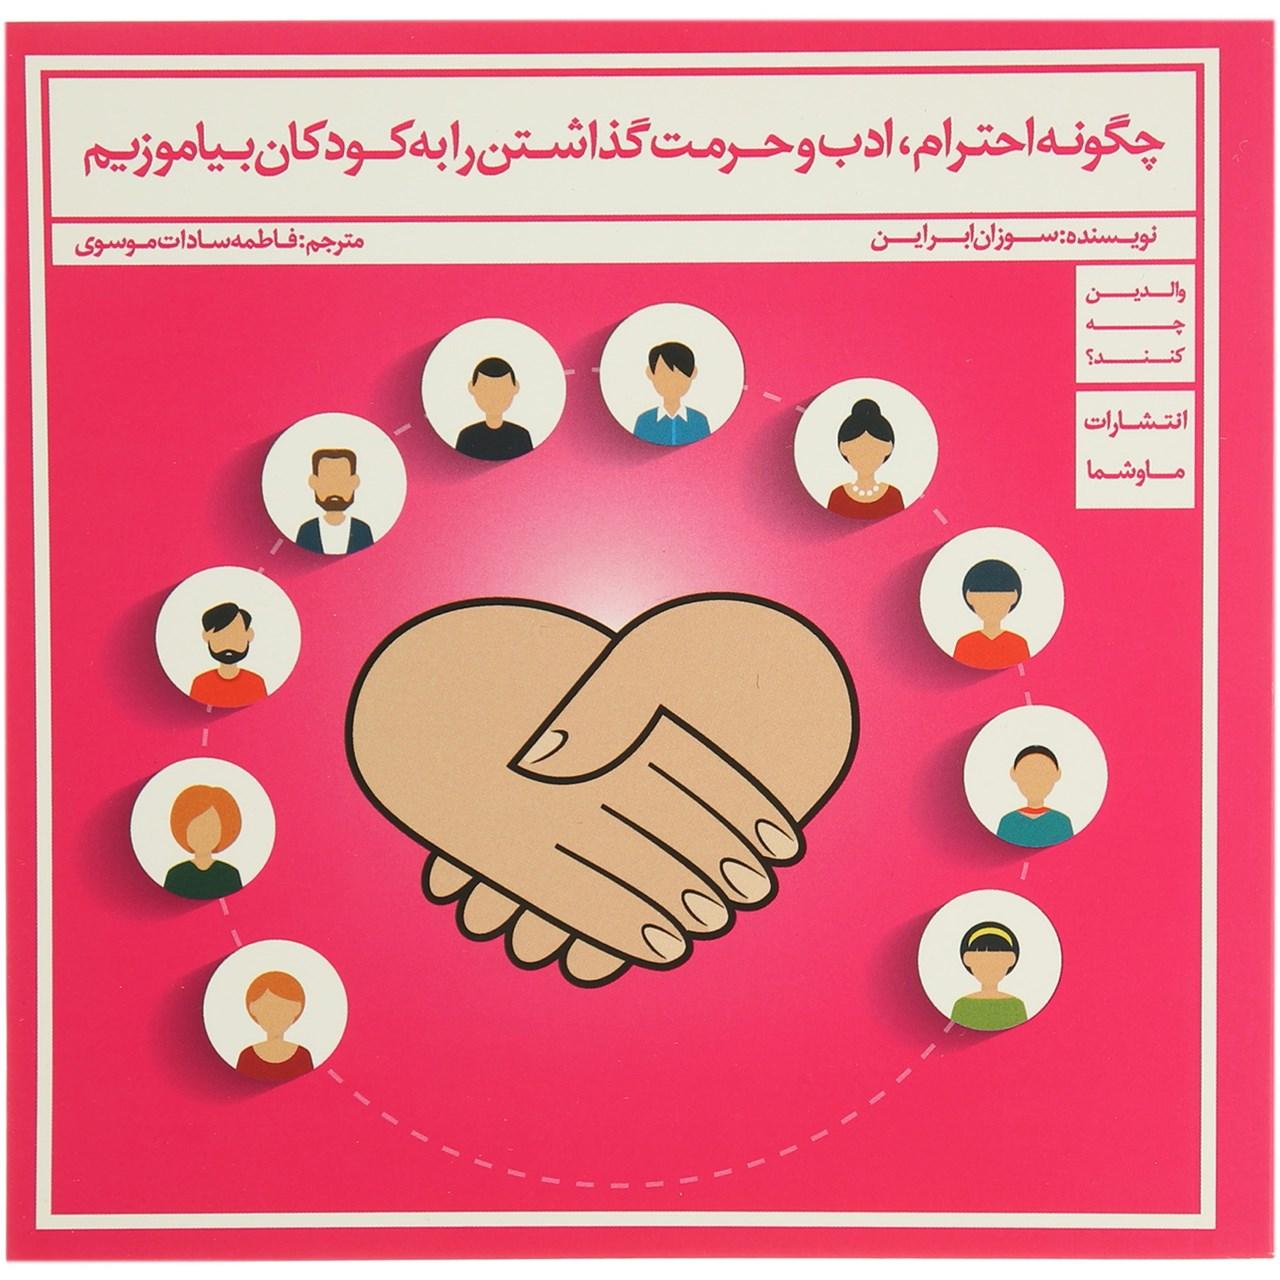 کتاب چگونه احترام ادب و حرمت گذاشتن را به کودکان بیاموزیم اثر سوزان ابراین